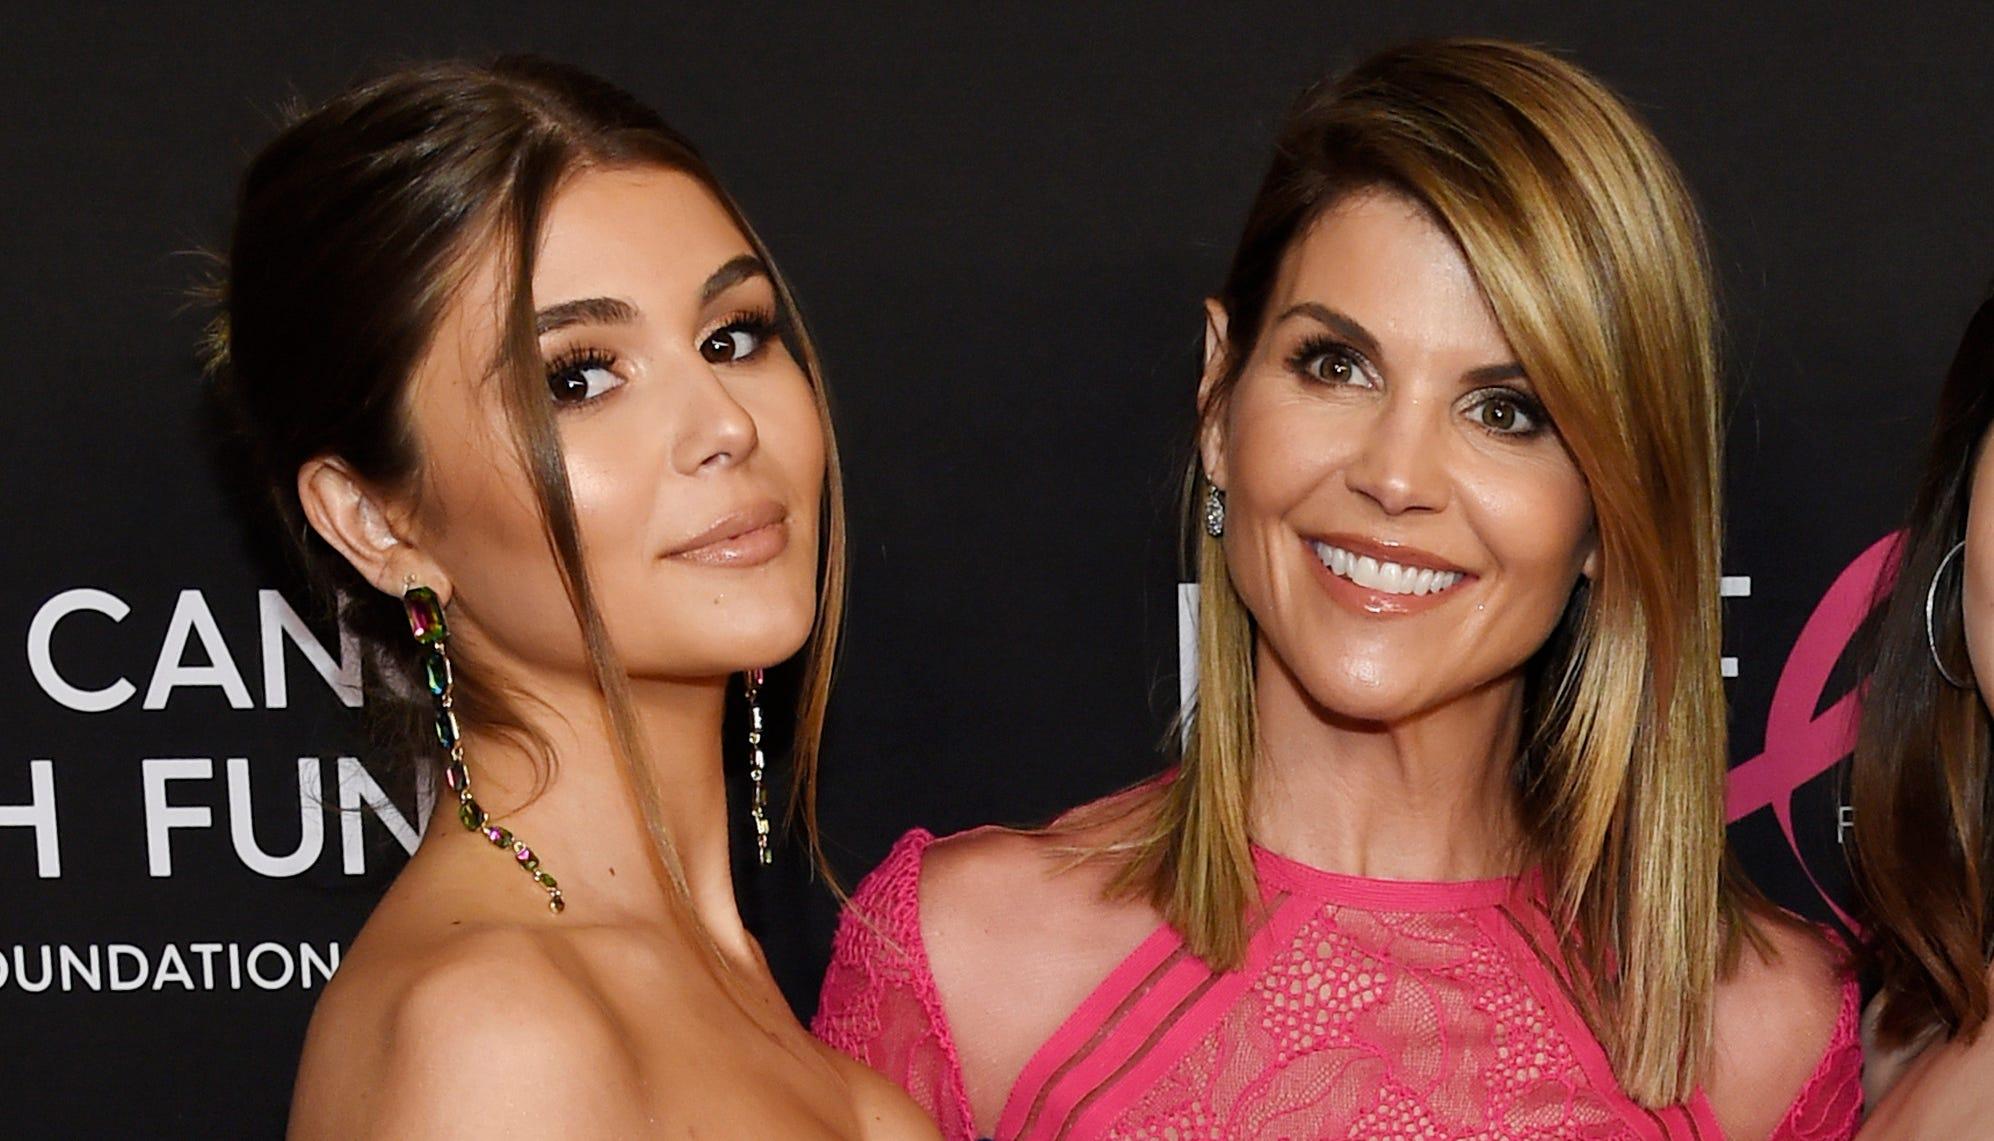 Lori Loughlin poses with her daughter Olivia Jade...